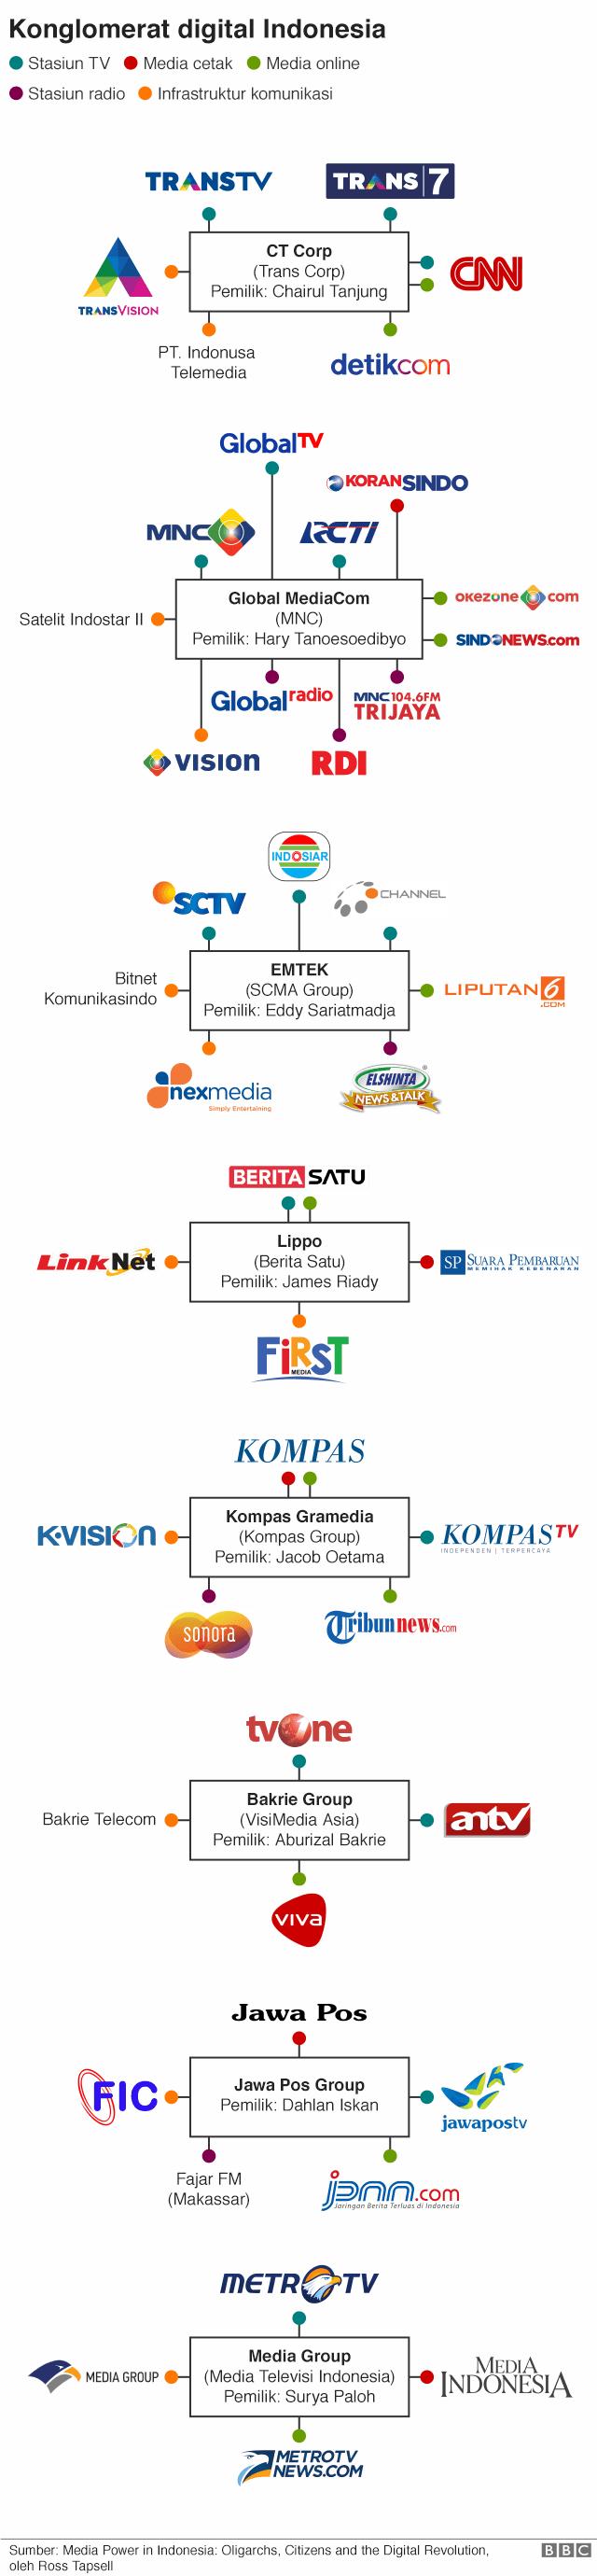 Konglomerasi Media di Indonesia